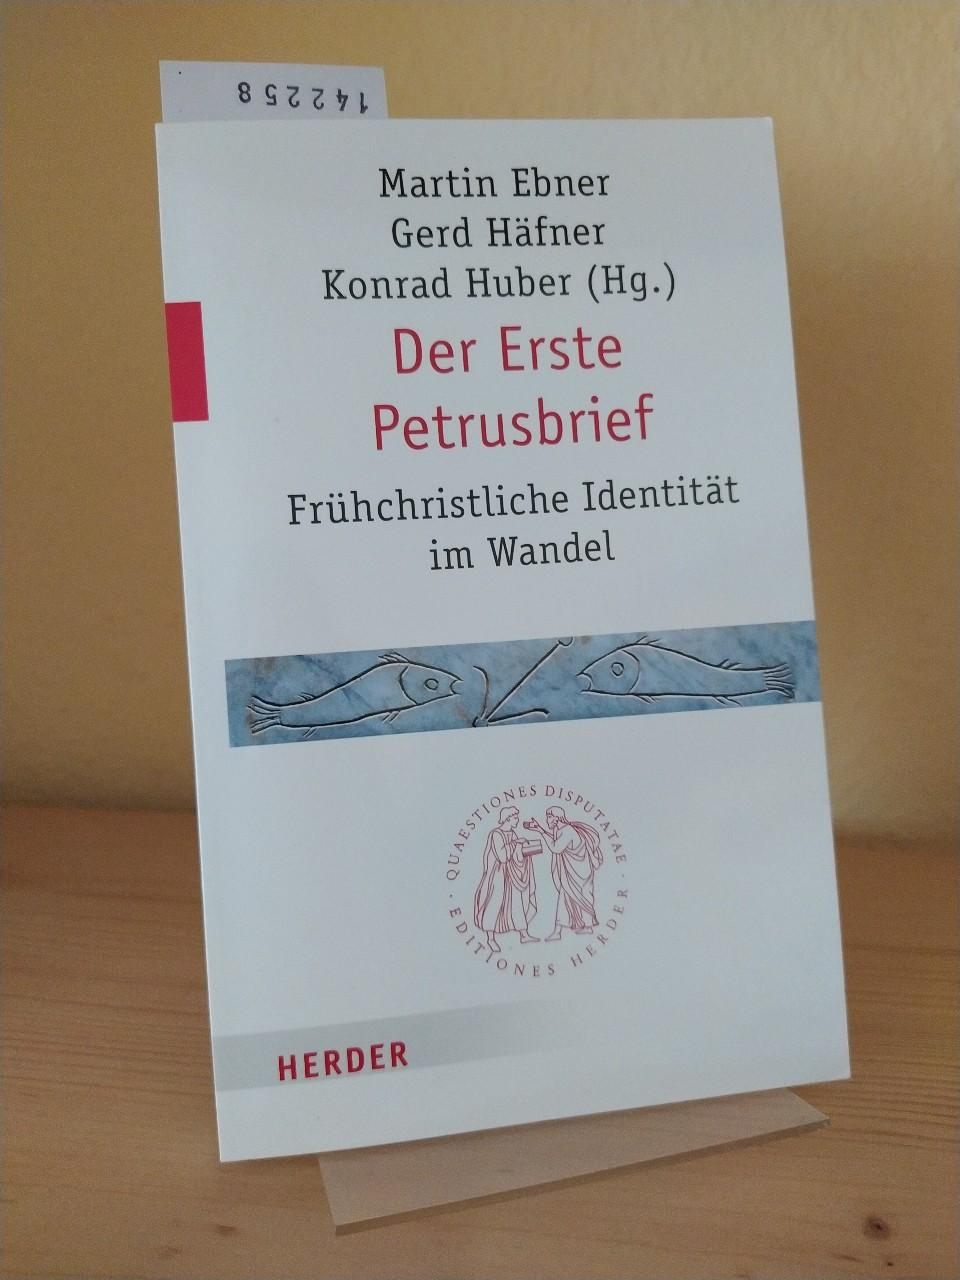 Der Erste Petrusbrief. Frühchristliche Identität im Wandel. [Herausgegeben von Martin Ebner, Gerd Häfner, Konrad Huber]. (= Quaestiones Dispotatae, 269).